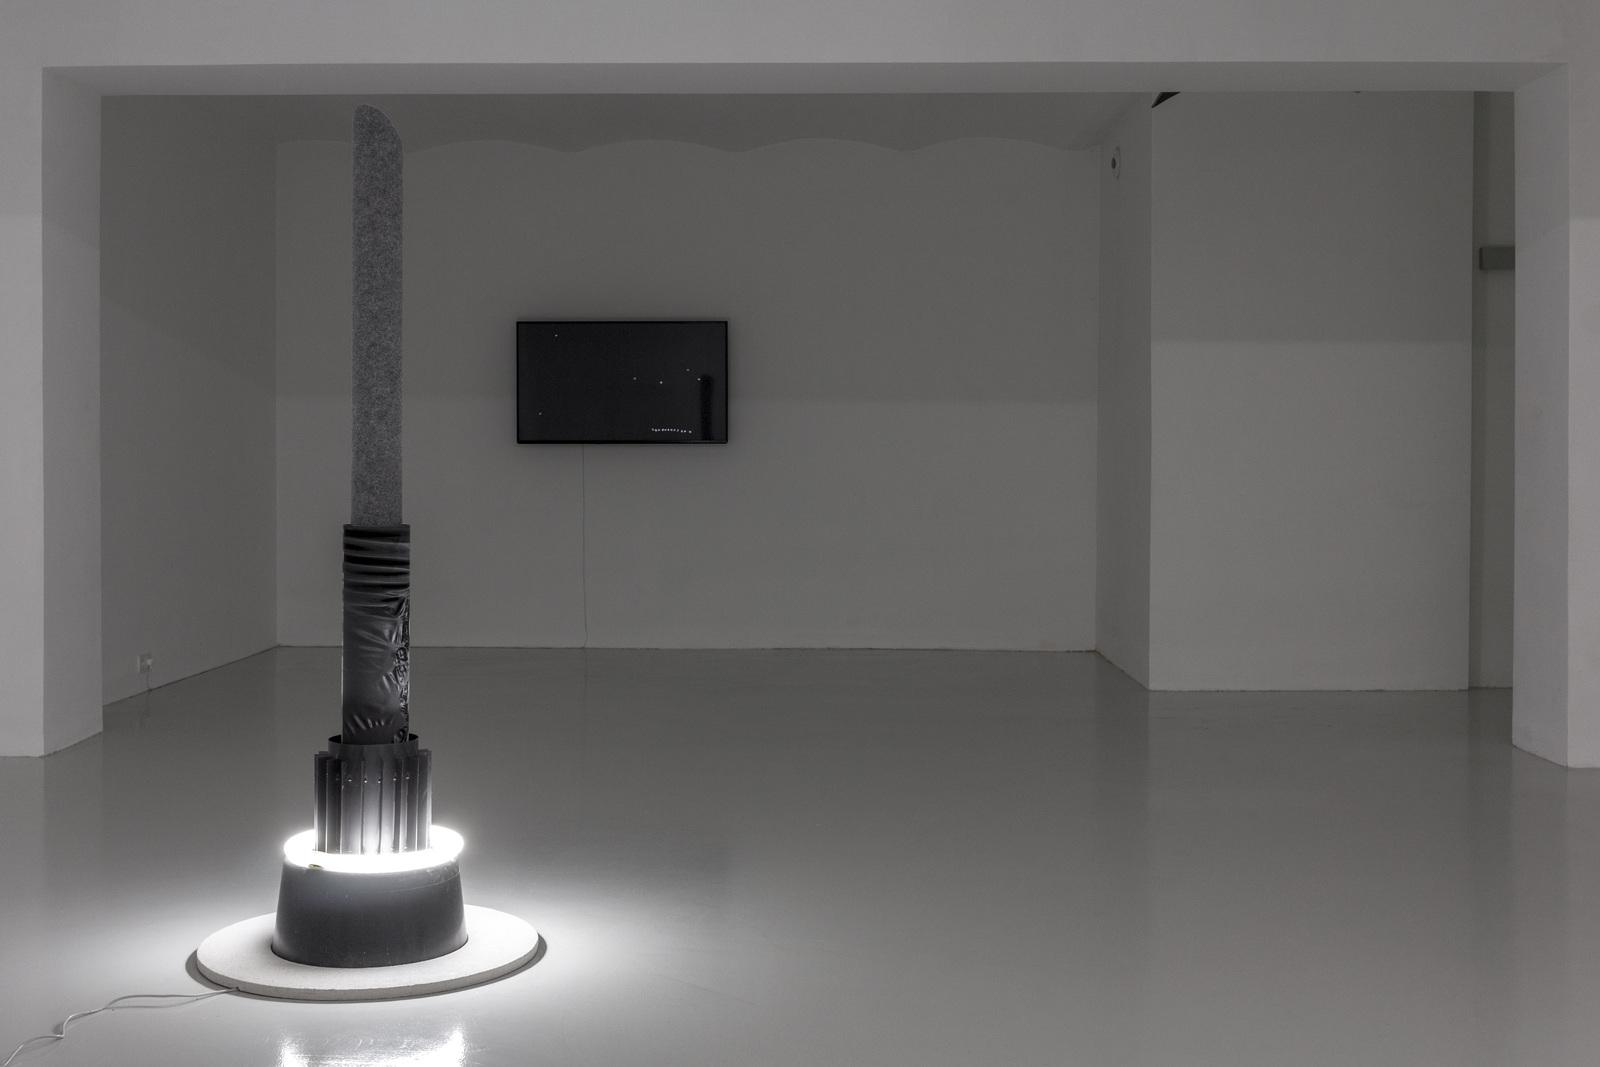 4_Mateusz Sadowski at SKALA_exhibition view